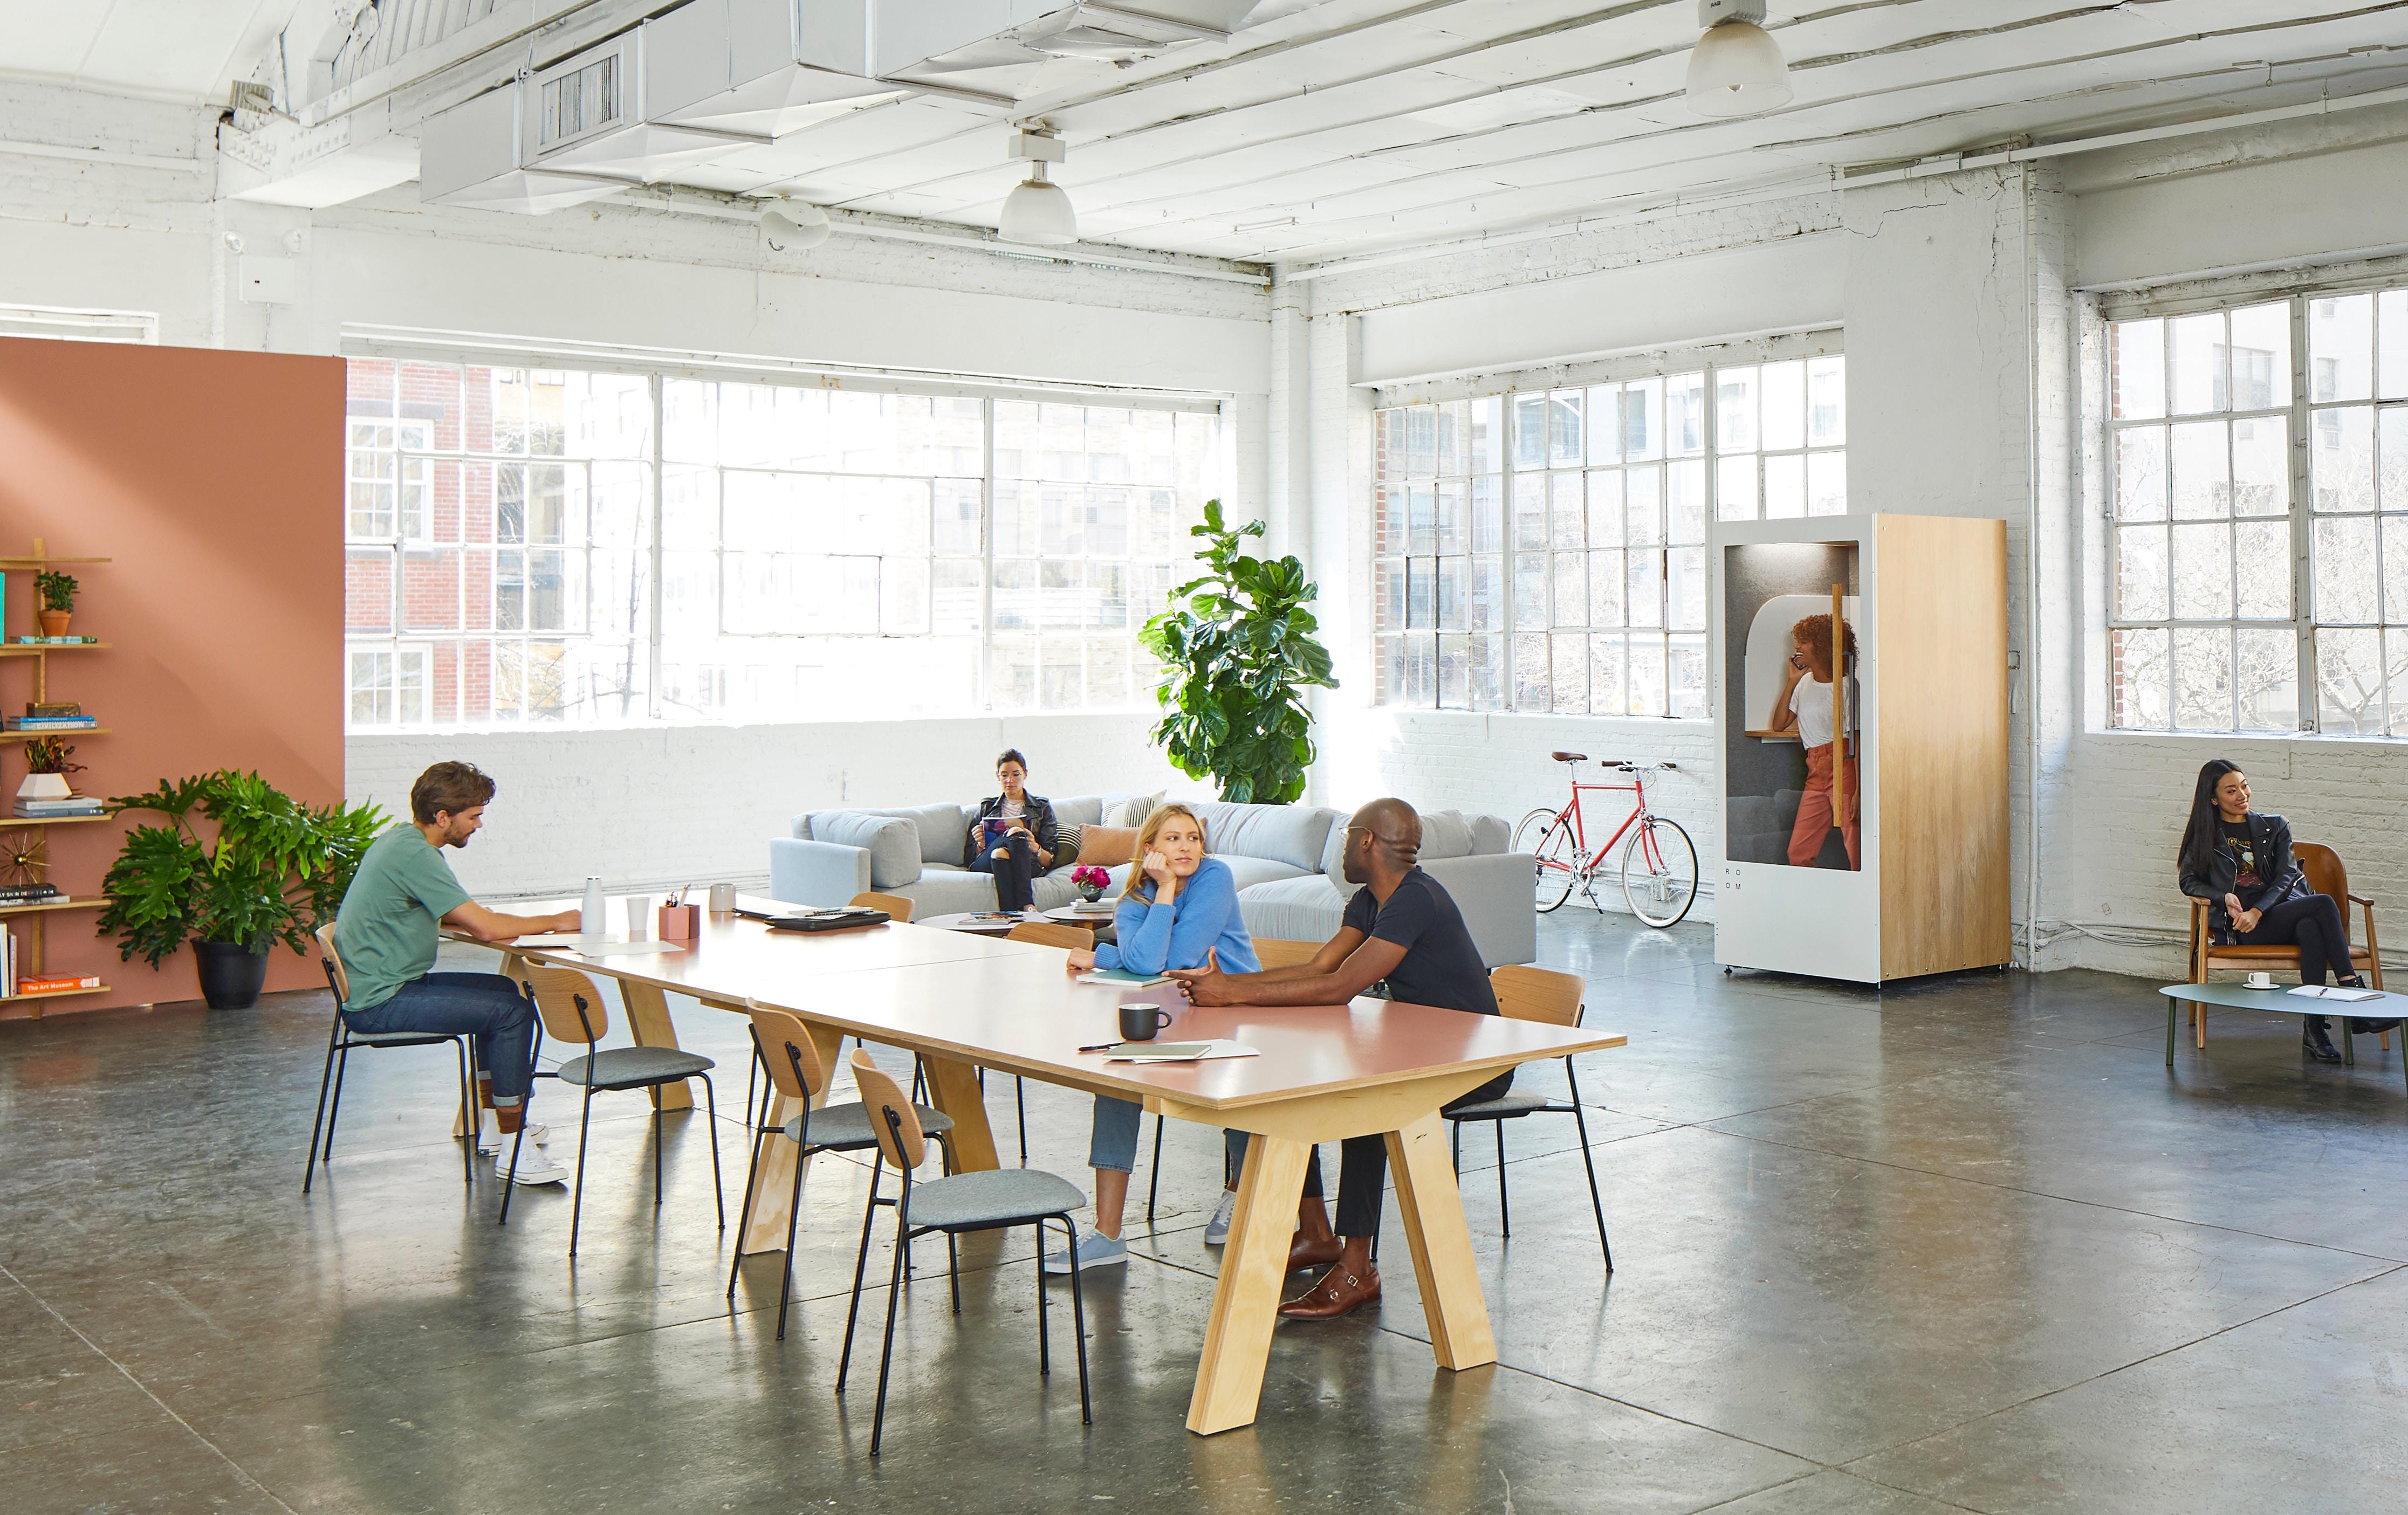 Uma sala ampla e clara com mesas, cadeiras e um sofá. Algumas pessoas estão sentadas à mesa, um rapaz sentado no sofá e uma mulher sentada em uma cadeira.